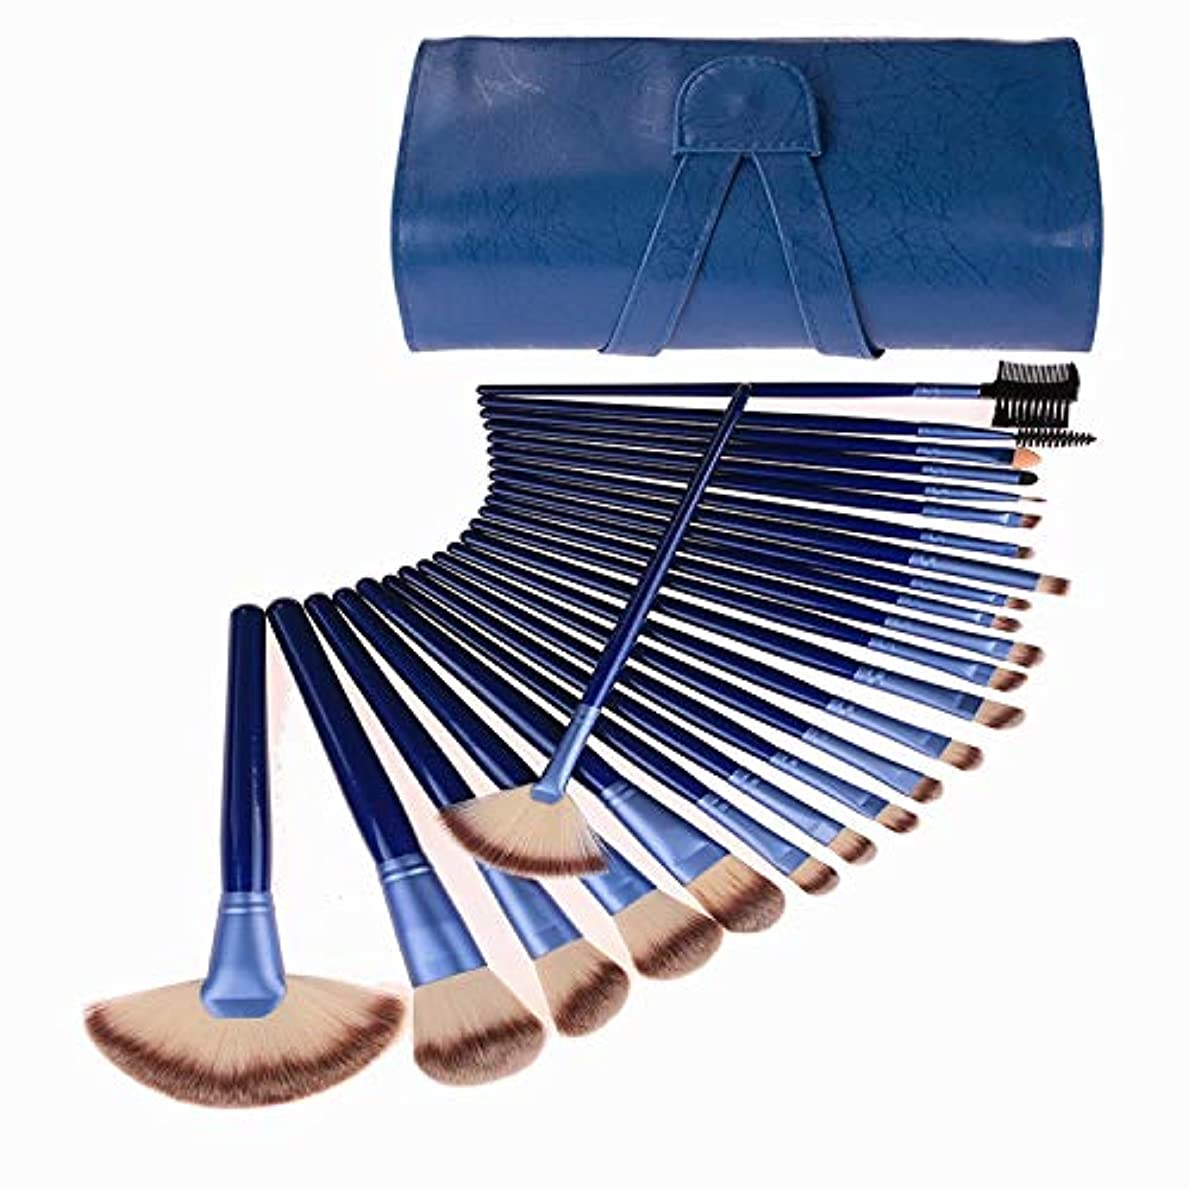 反応するせっかち征服化粧ブラシスタートメーカー24個天然竹化粧ブラシセットビーガンプロ化粧品歌舞伎ブラシ化粧ブラシセット非常に柔らかい化粧ブラシセット美容スポンジ (Color : Blue)